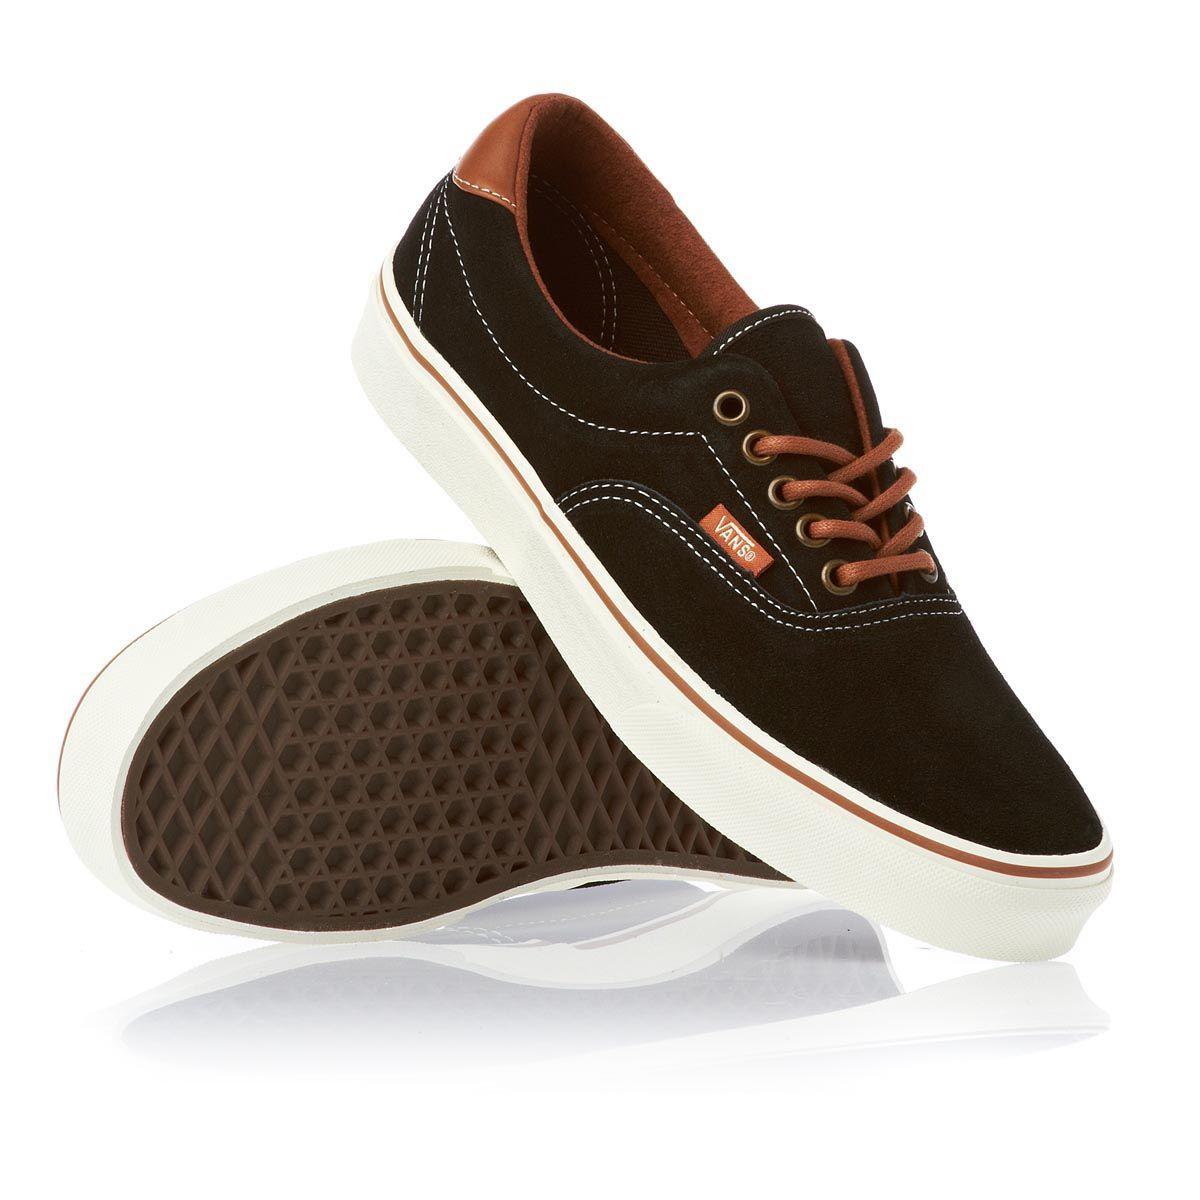 5d44634fc6 Vans Shoes - Vans Era 59 Shoes - Black Leather Brown